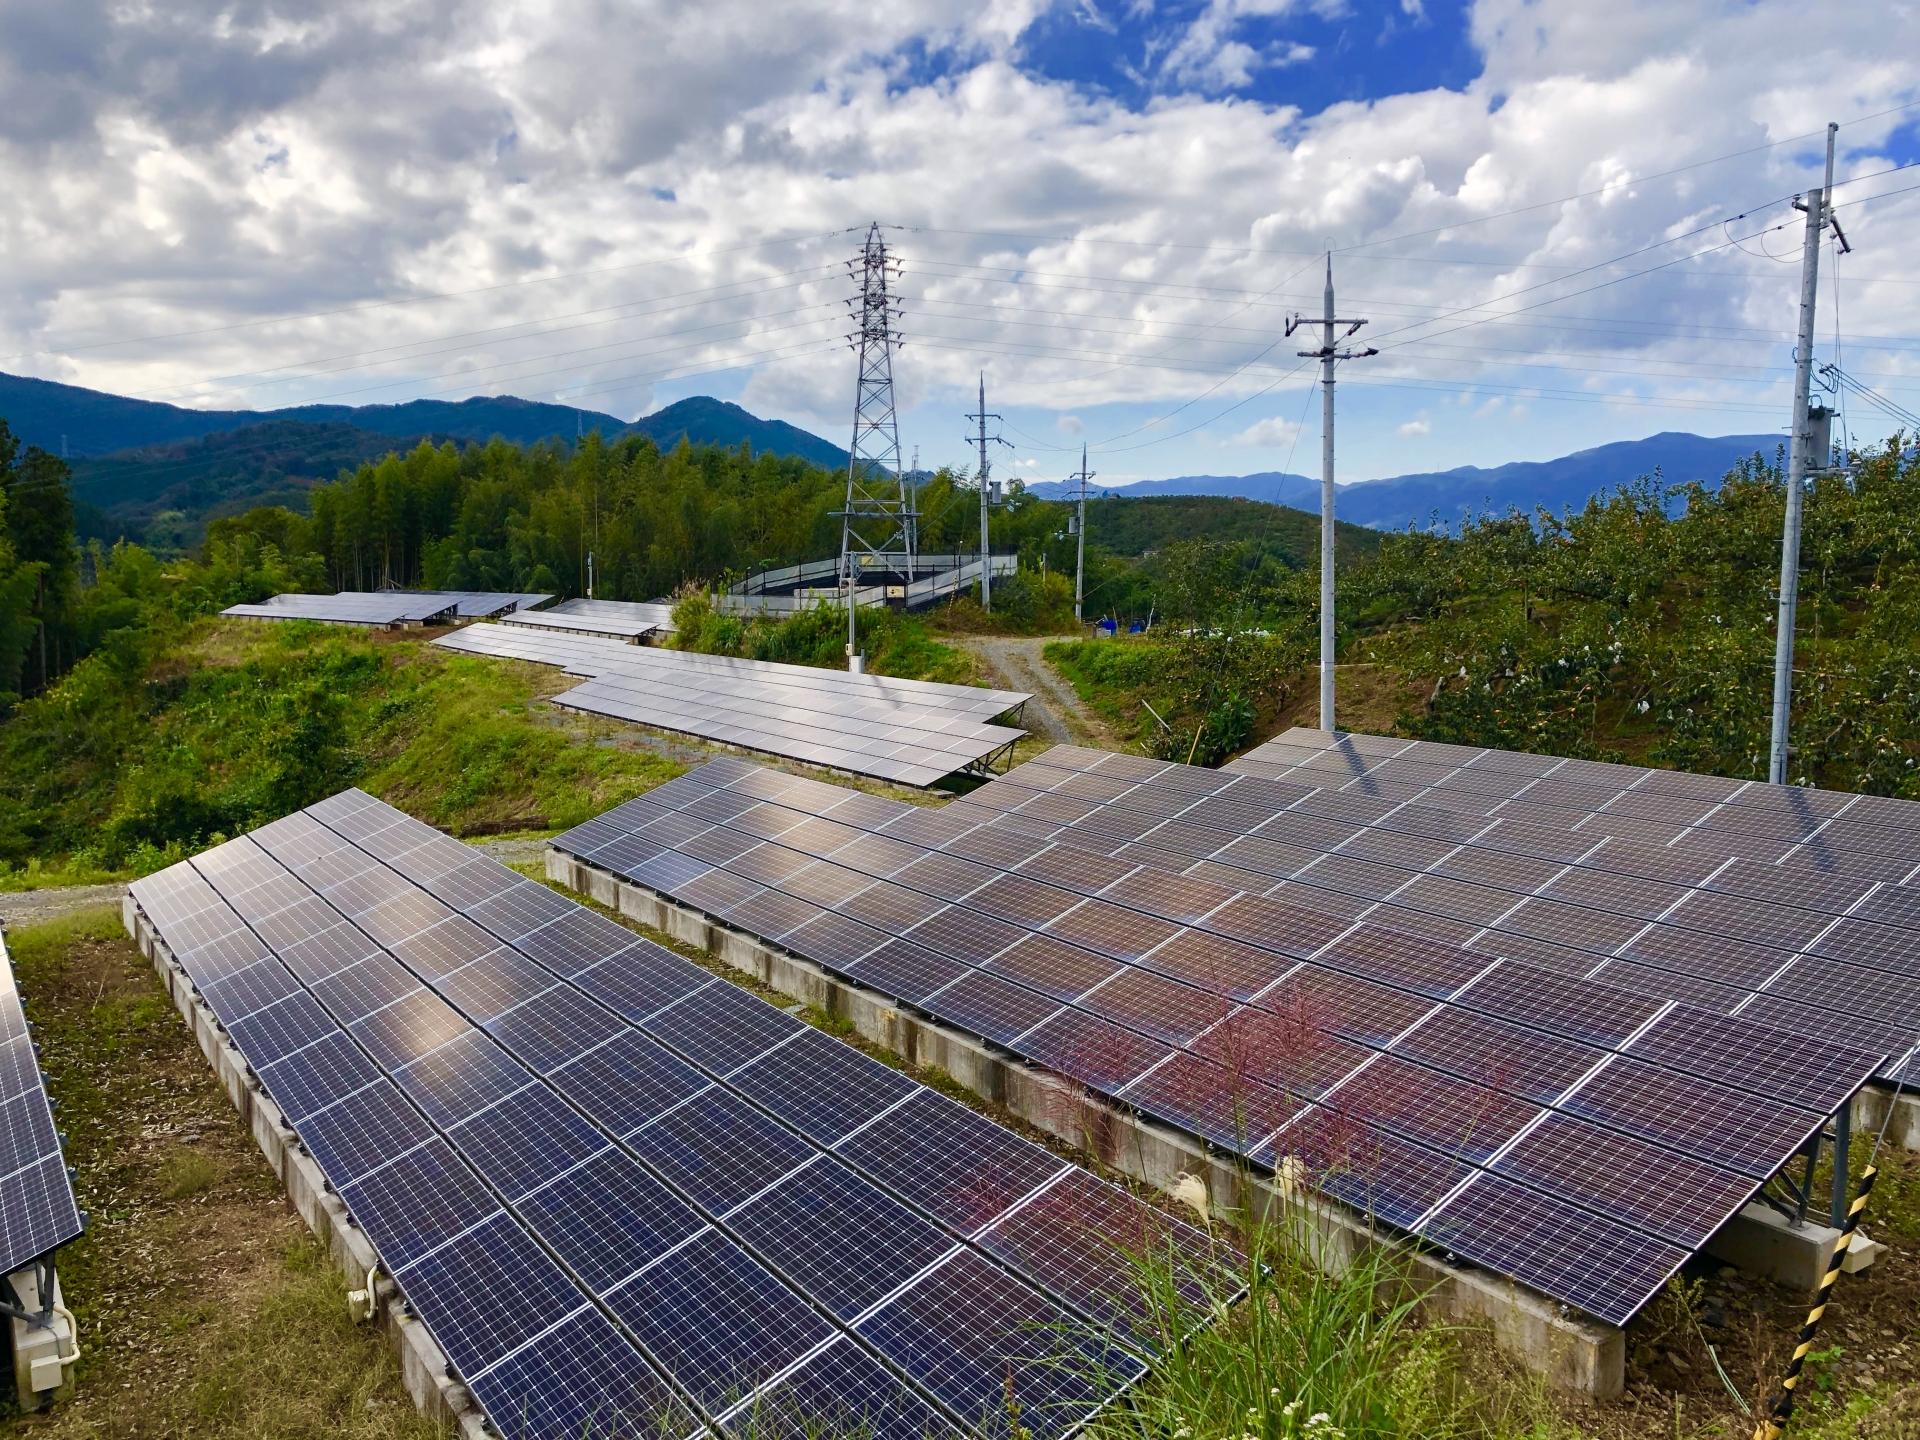 政府目標、2040年に太陽光を公共施設100%導入へ